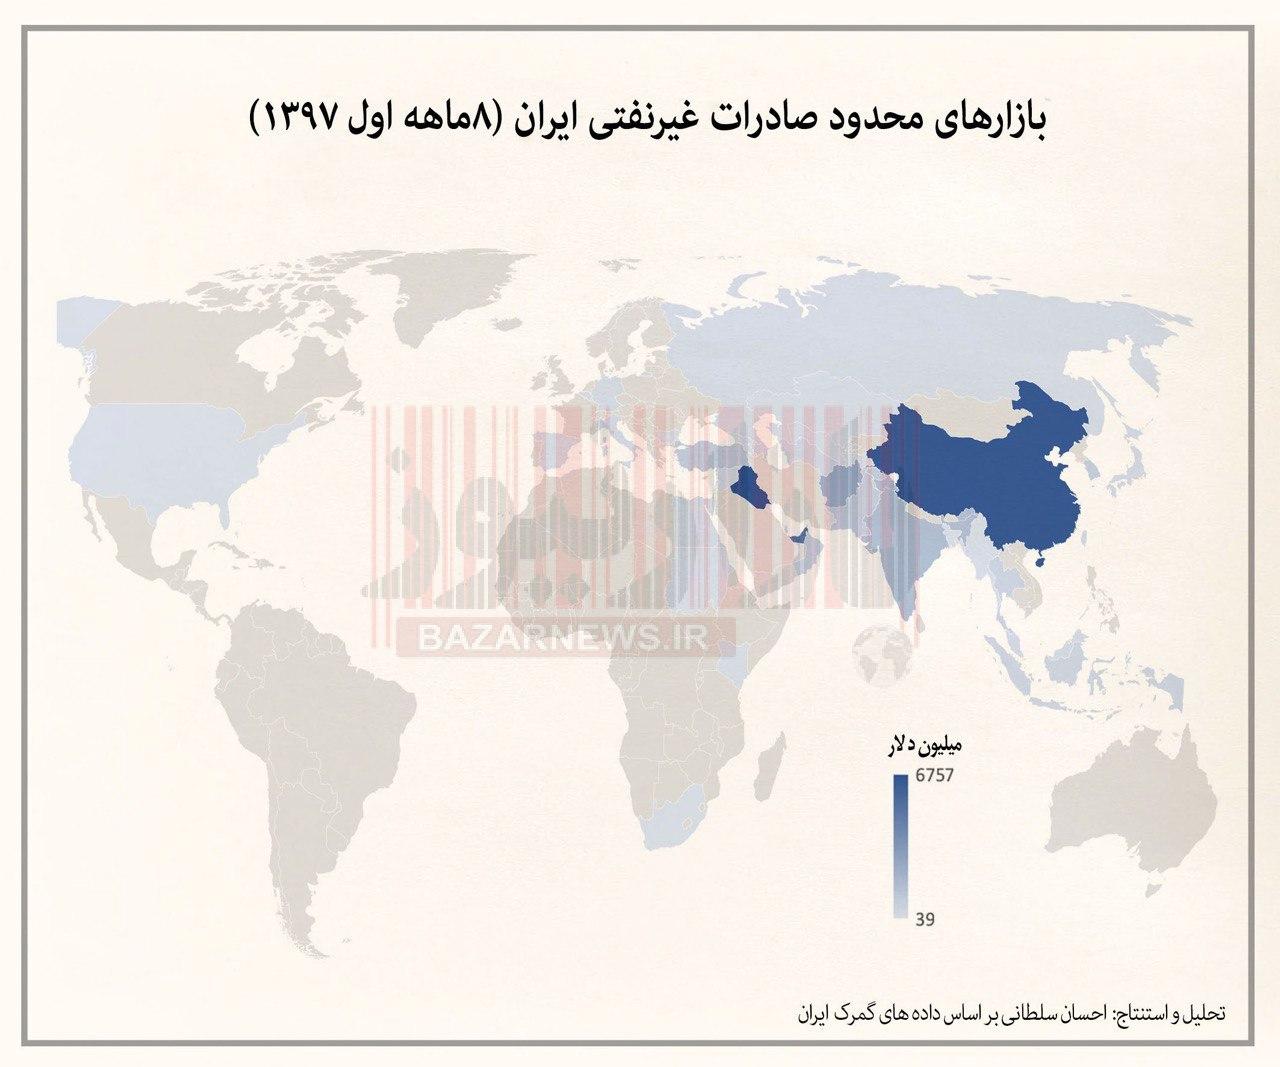 بازارهای محدود صادرات غیرنفتی ایران